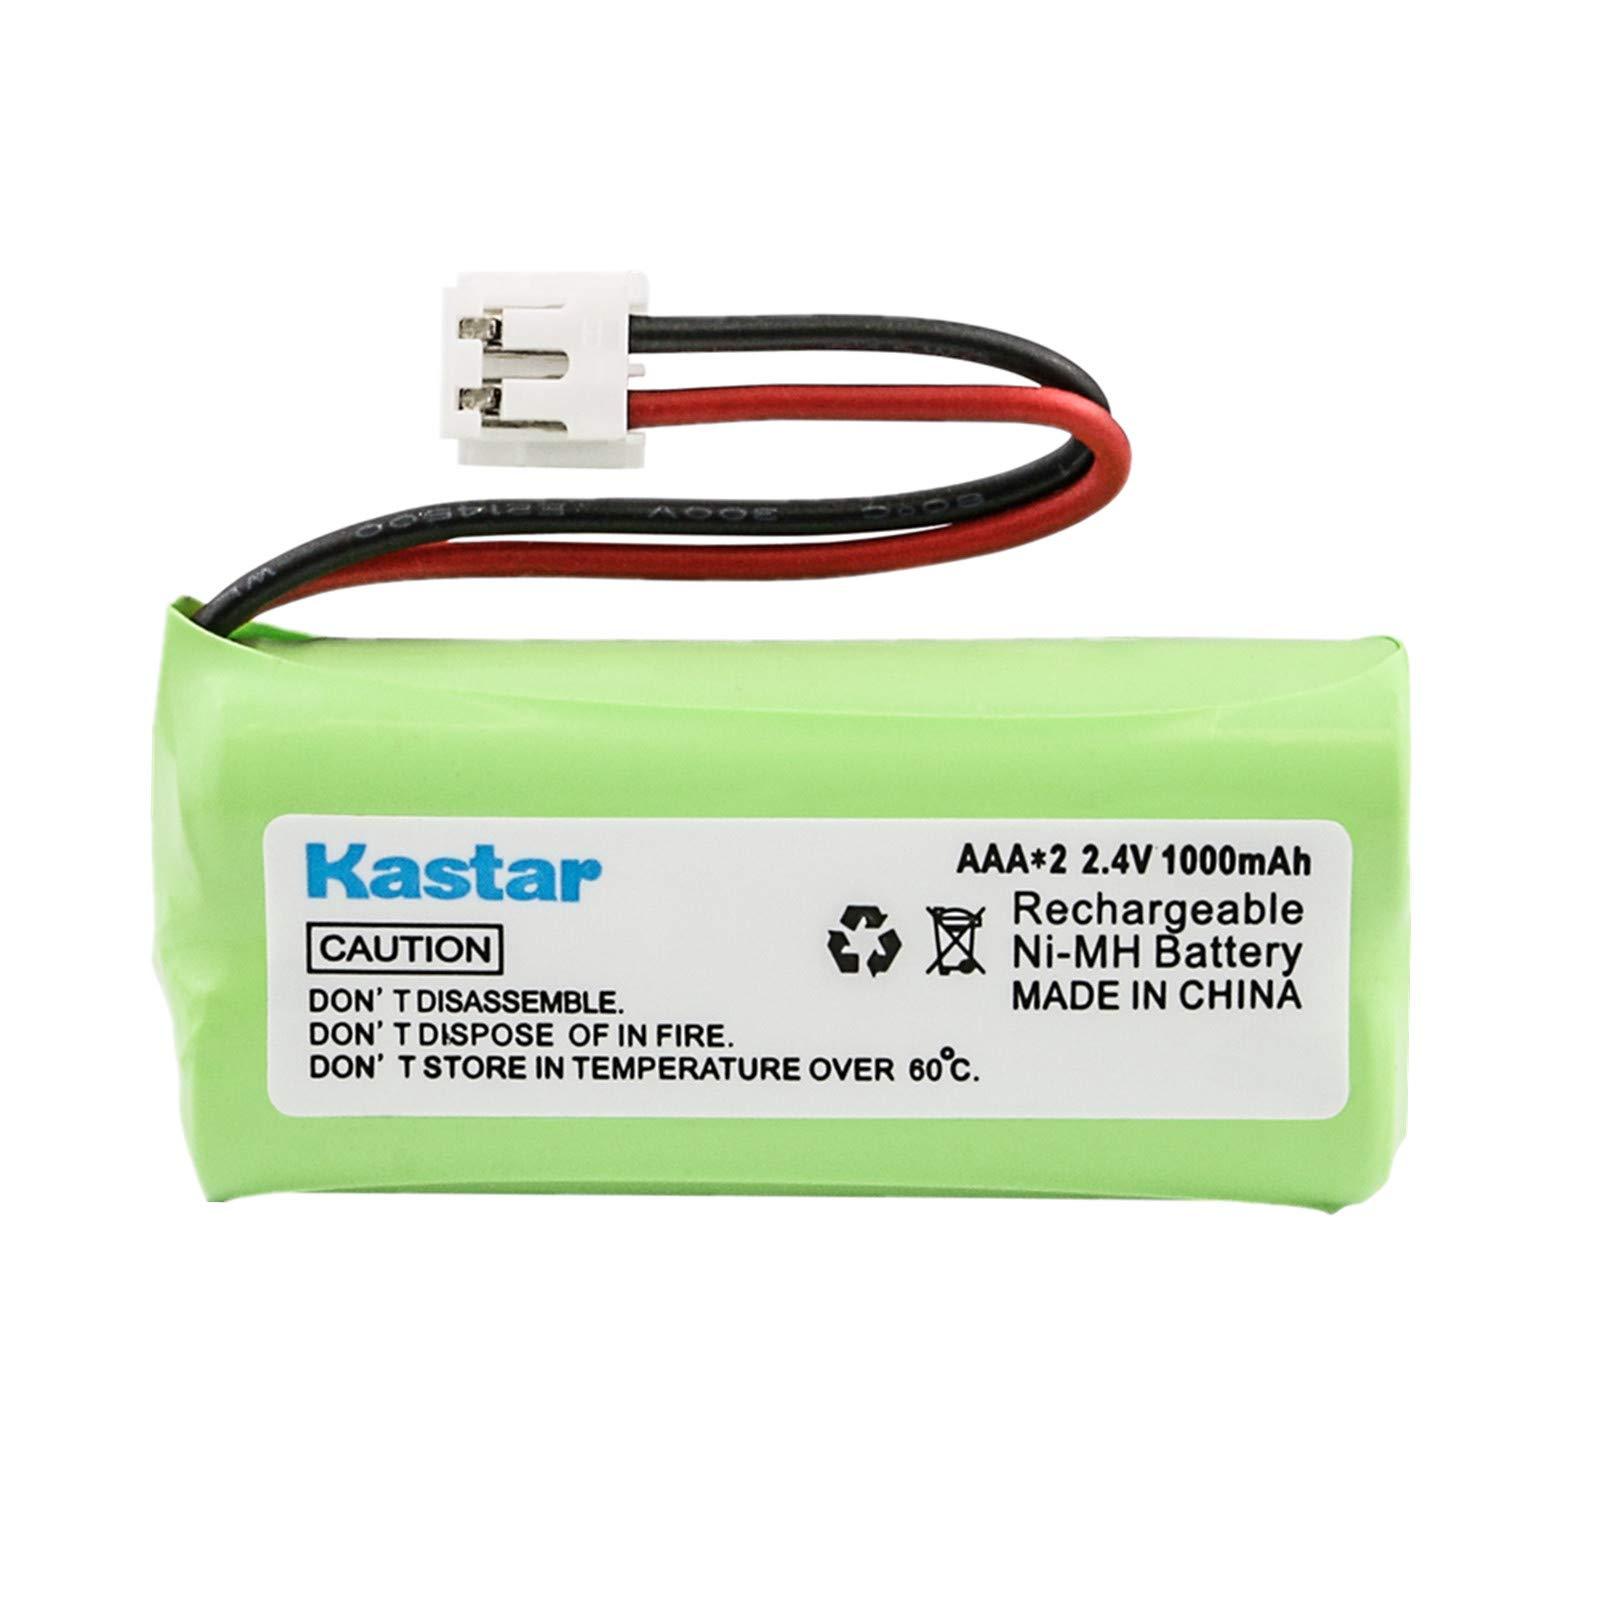 Kastar Battery Replacement for AT&T BT8001 BT8000 BT8300 BT6010 Vtech BT184342 BT284342 AT3211-2 89-1335-00 89-1344-01 89-1330-00-00 89-1330-01-00 89-1326-00-00 BATT-6010 Uniden BT1011 BT1018 BT694